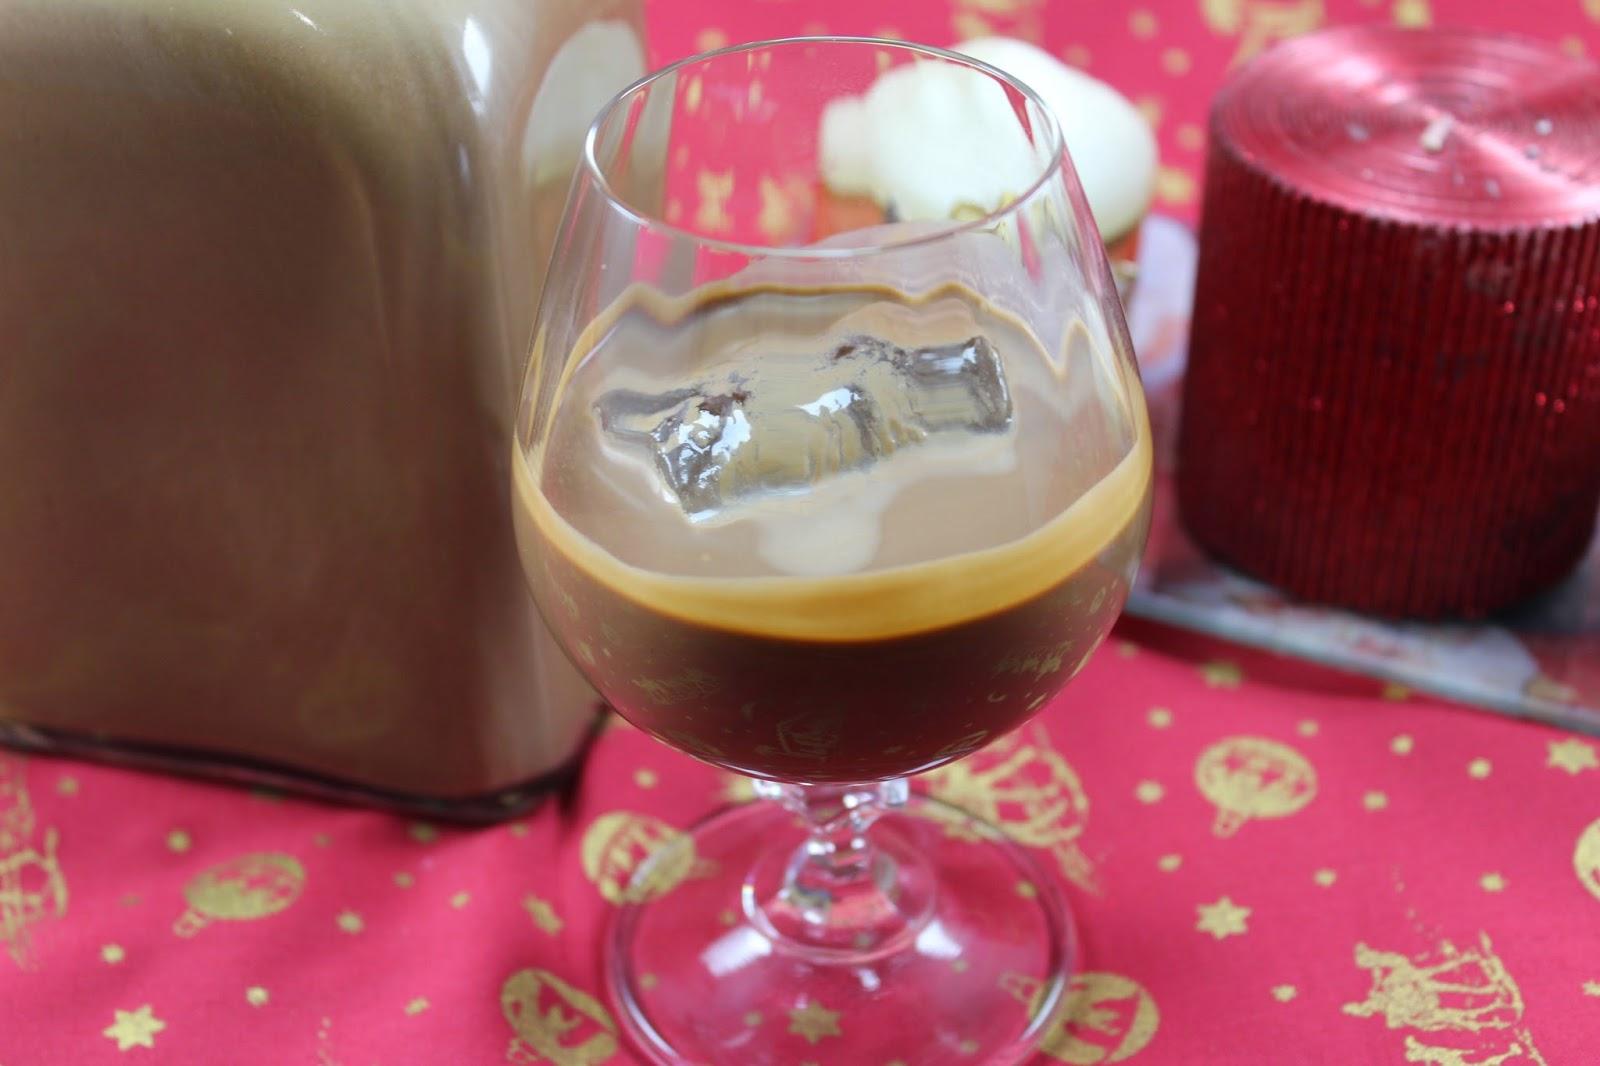 Crema De Chocolate Bebida Thermomix Juani De Ana Sevilla Recetas Thermomix Olla Gm Mambo